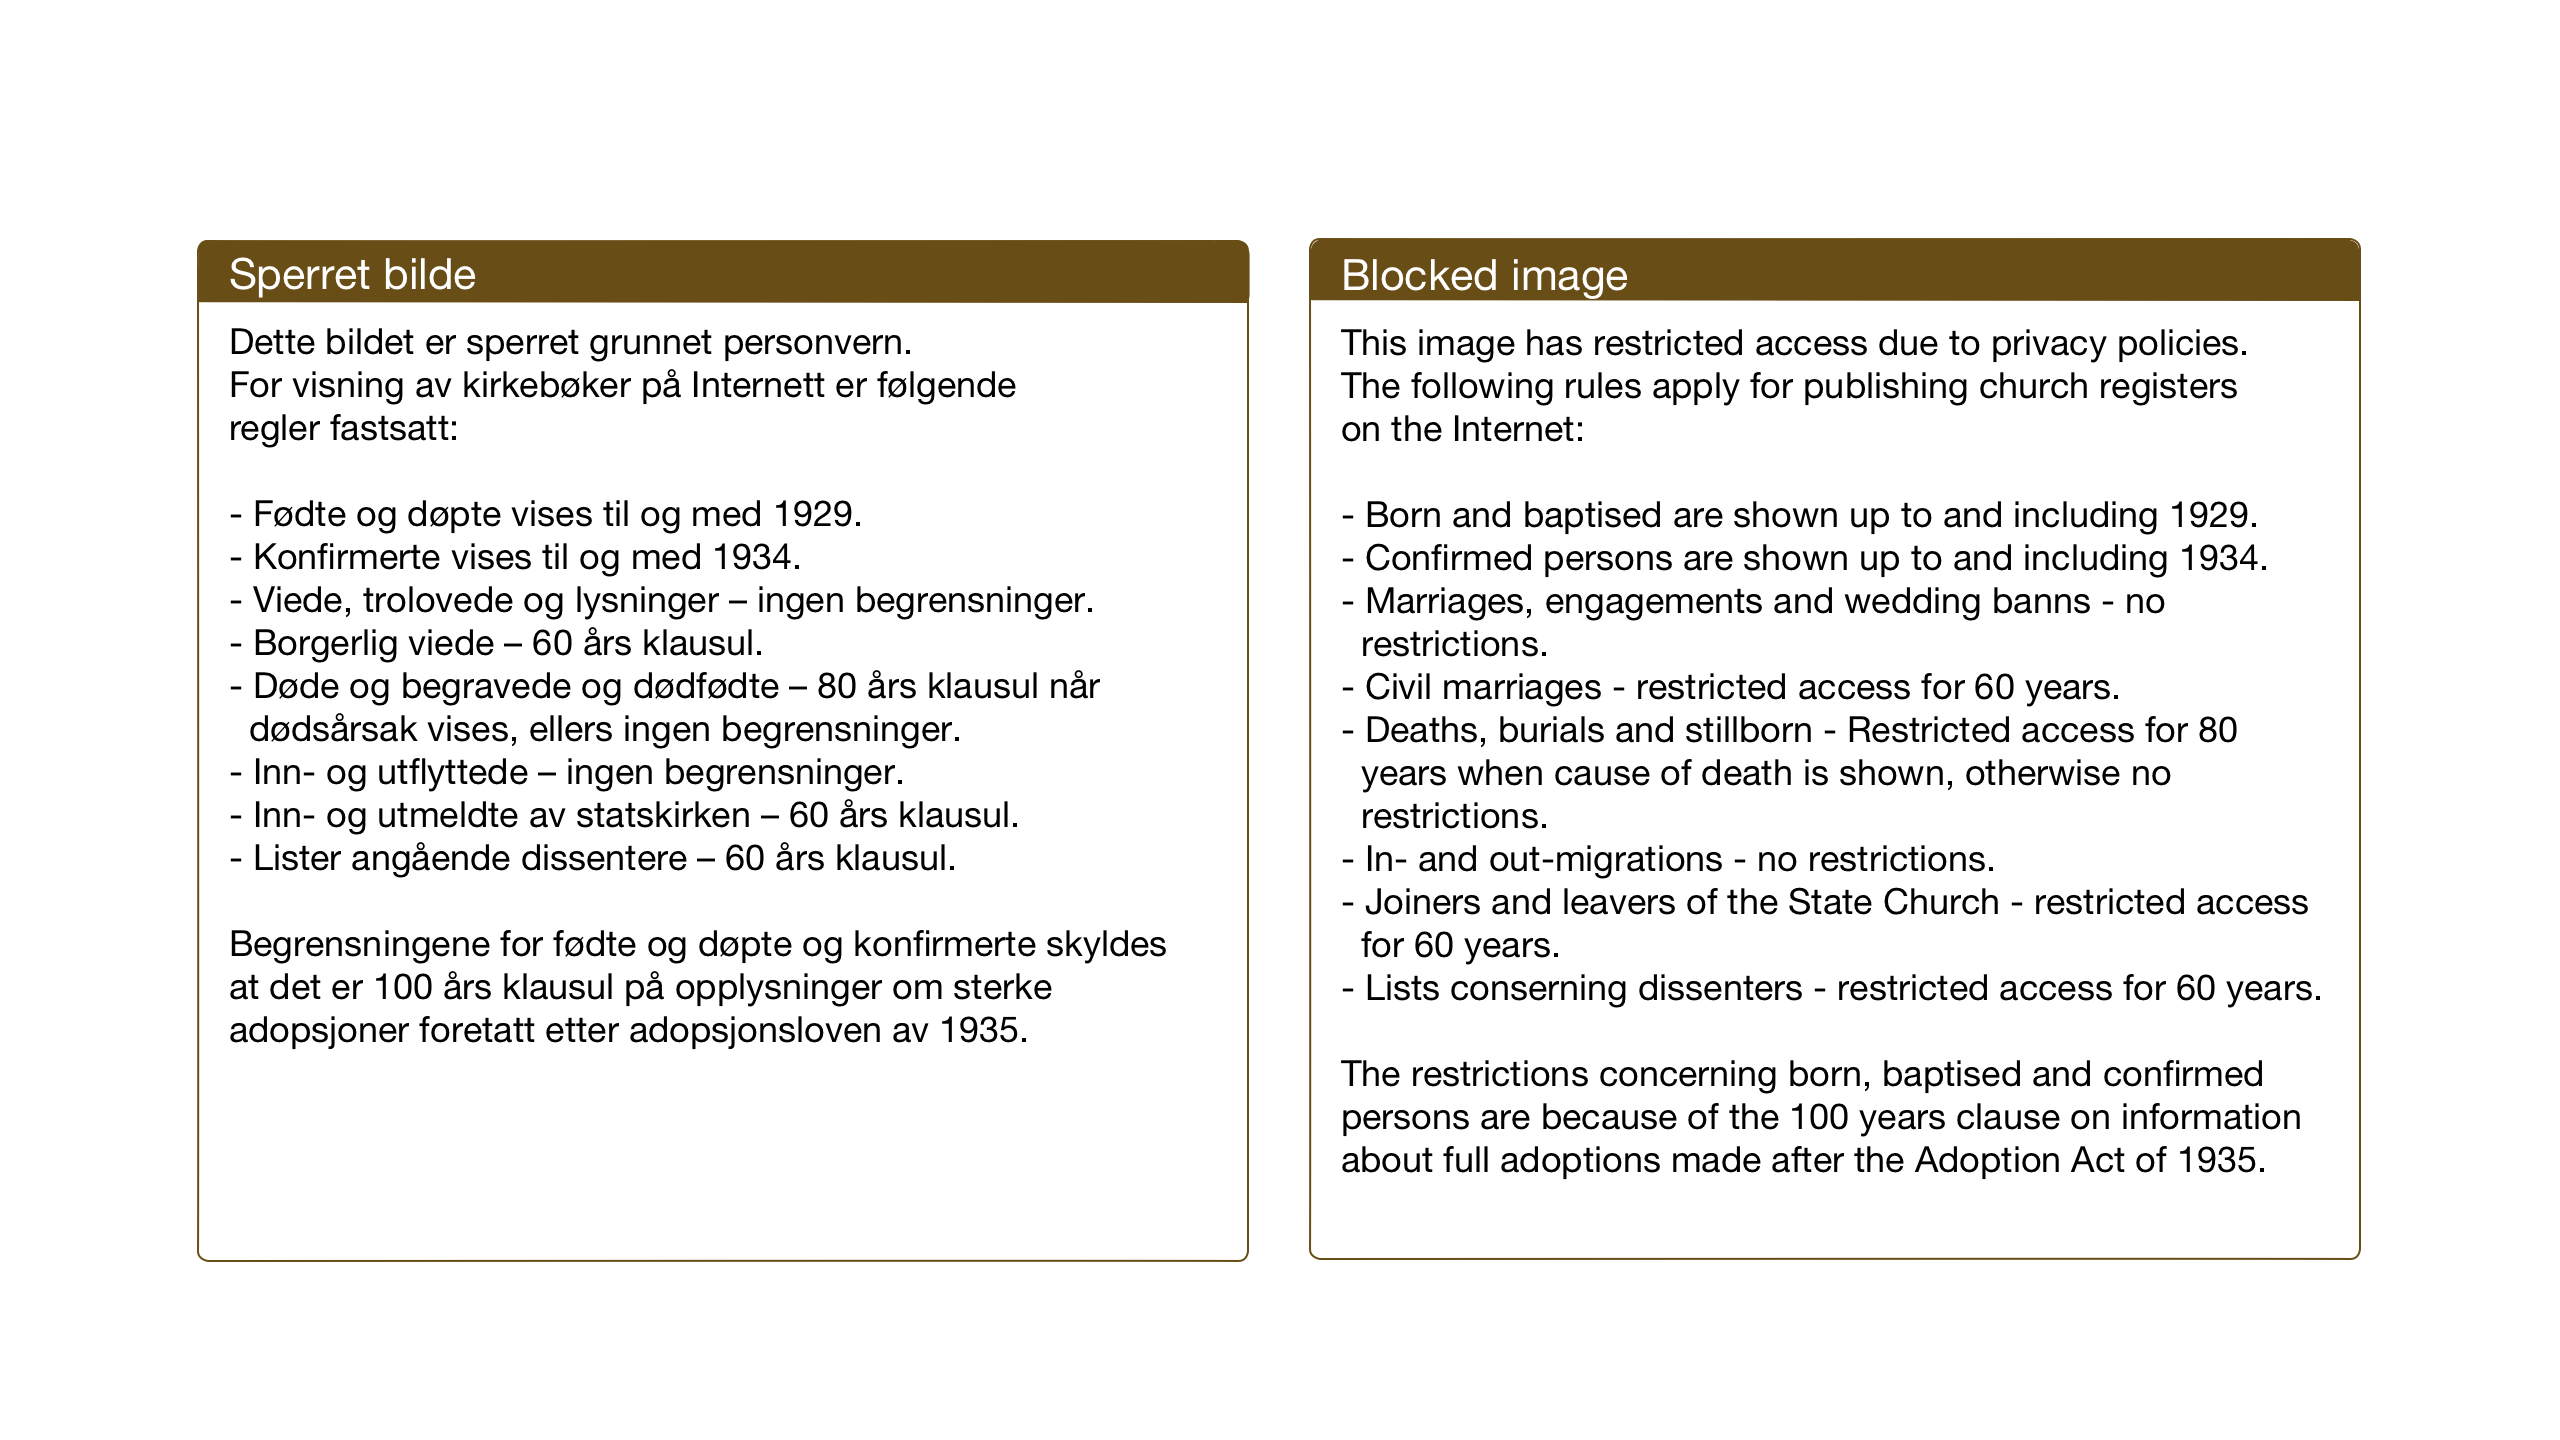 SAT, Ministerialprotokoller, klokkerbøker og fødselsregistre - Sør-Trøndelag, 604/L0227: Klokkerbok nr. 604C10, 1923-1942, s. 96